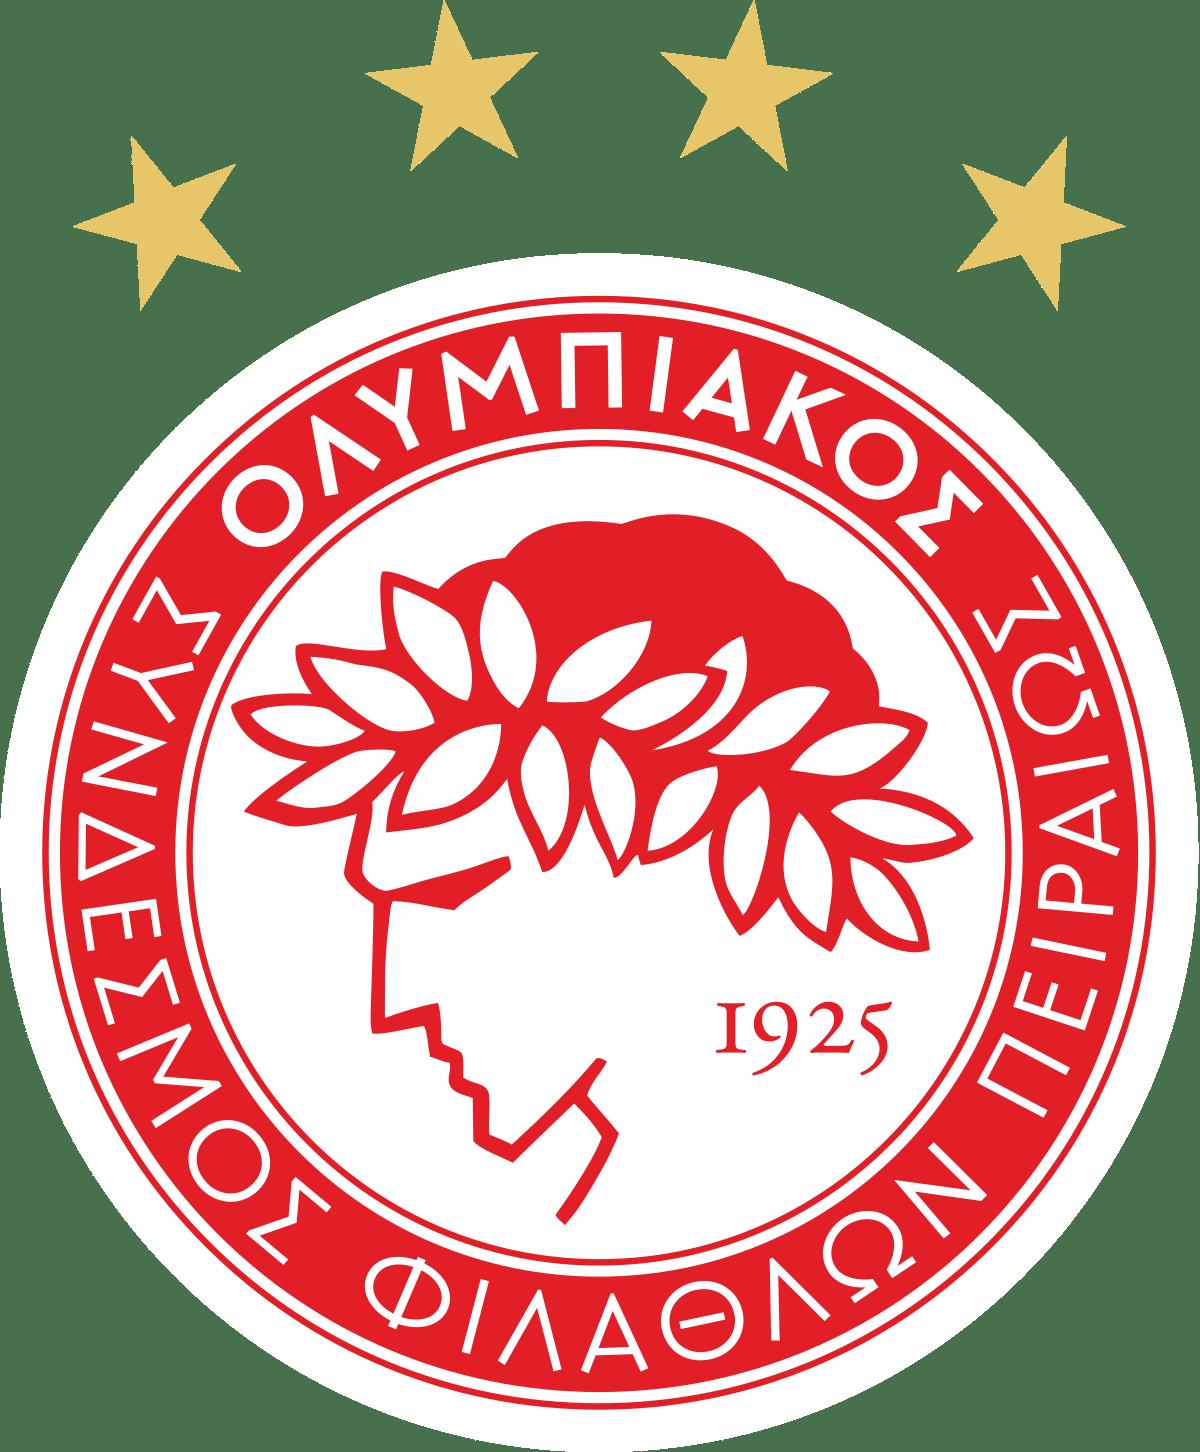 Escudo del Olympiacos